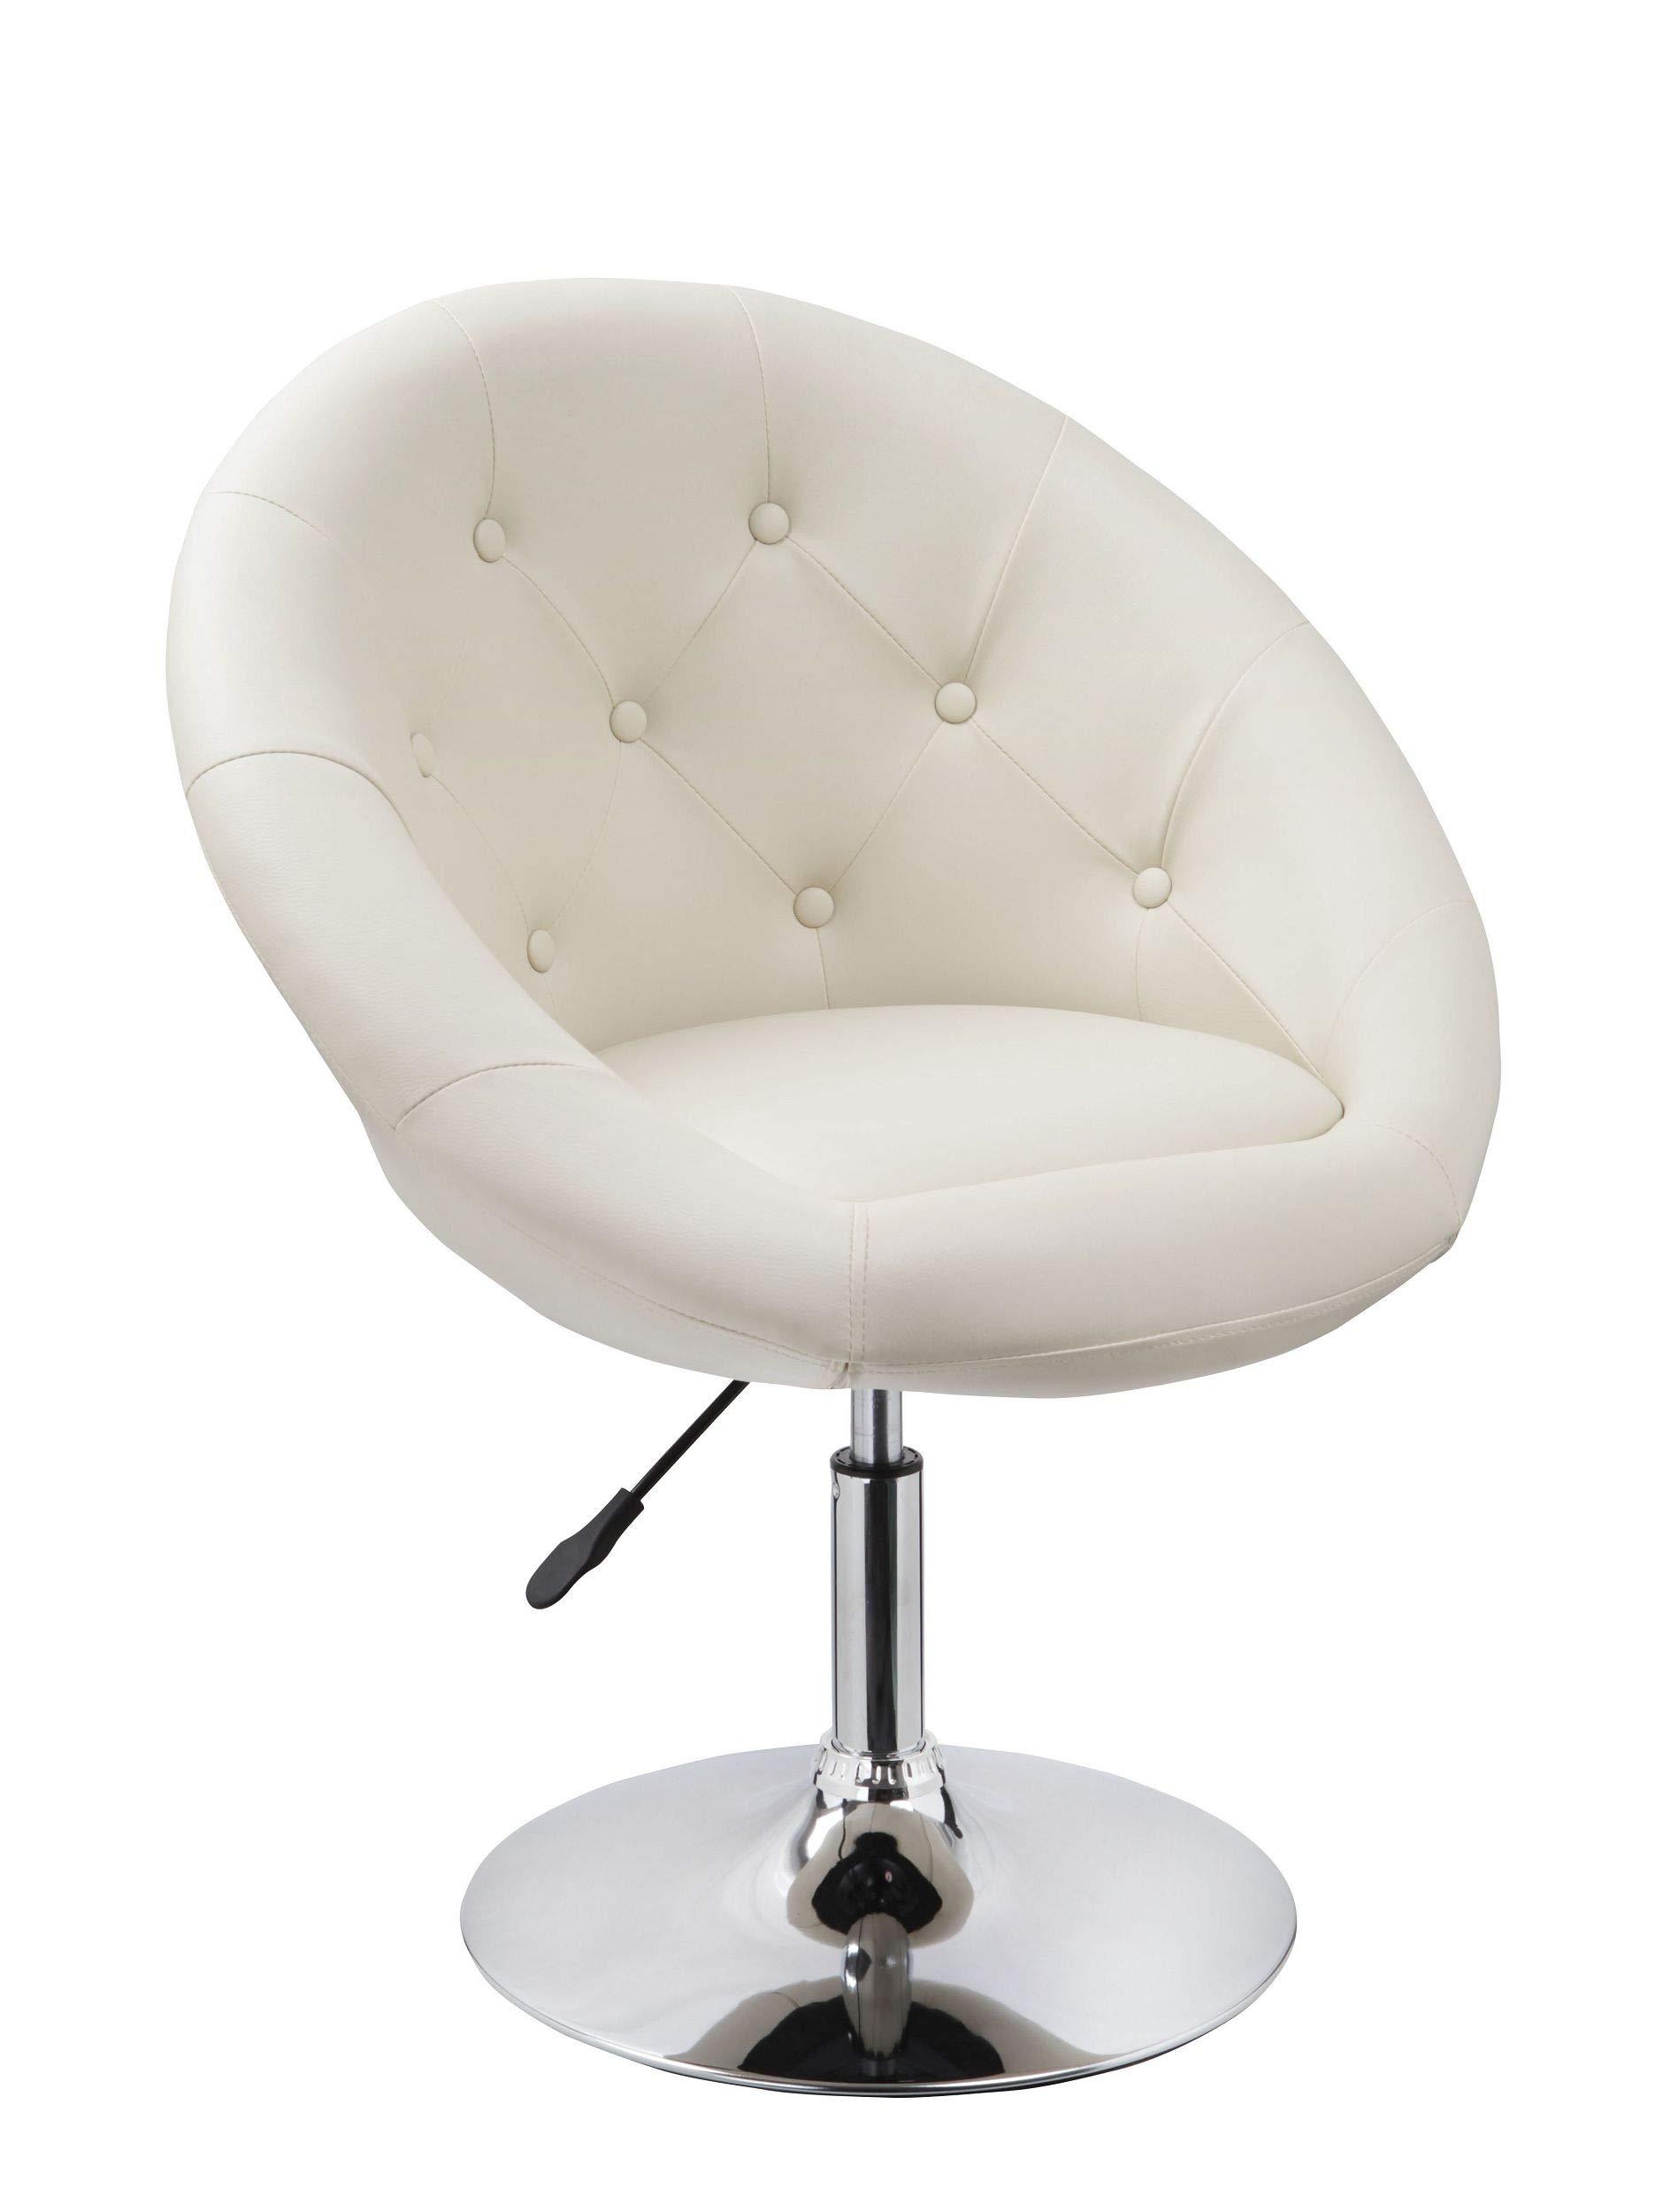 Sessel in Creme höhenverstellbar Kunstleder Clubsessel Coctailsessel Lounge Sessel Duhome 0334 1